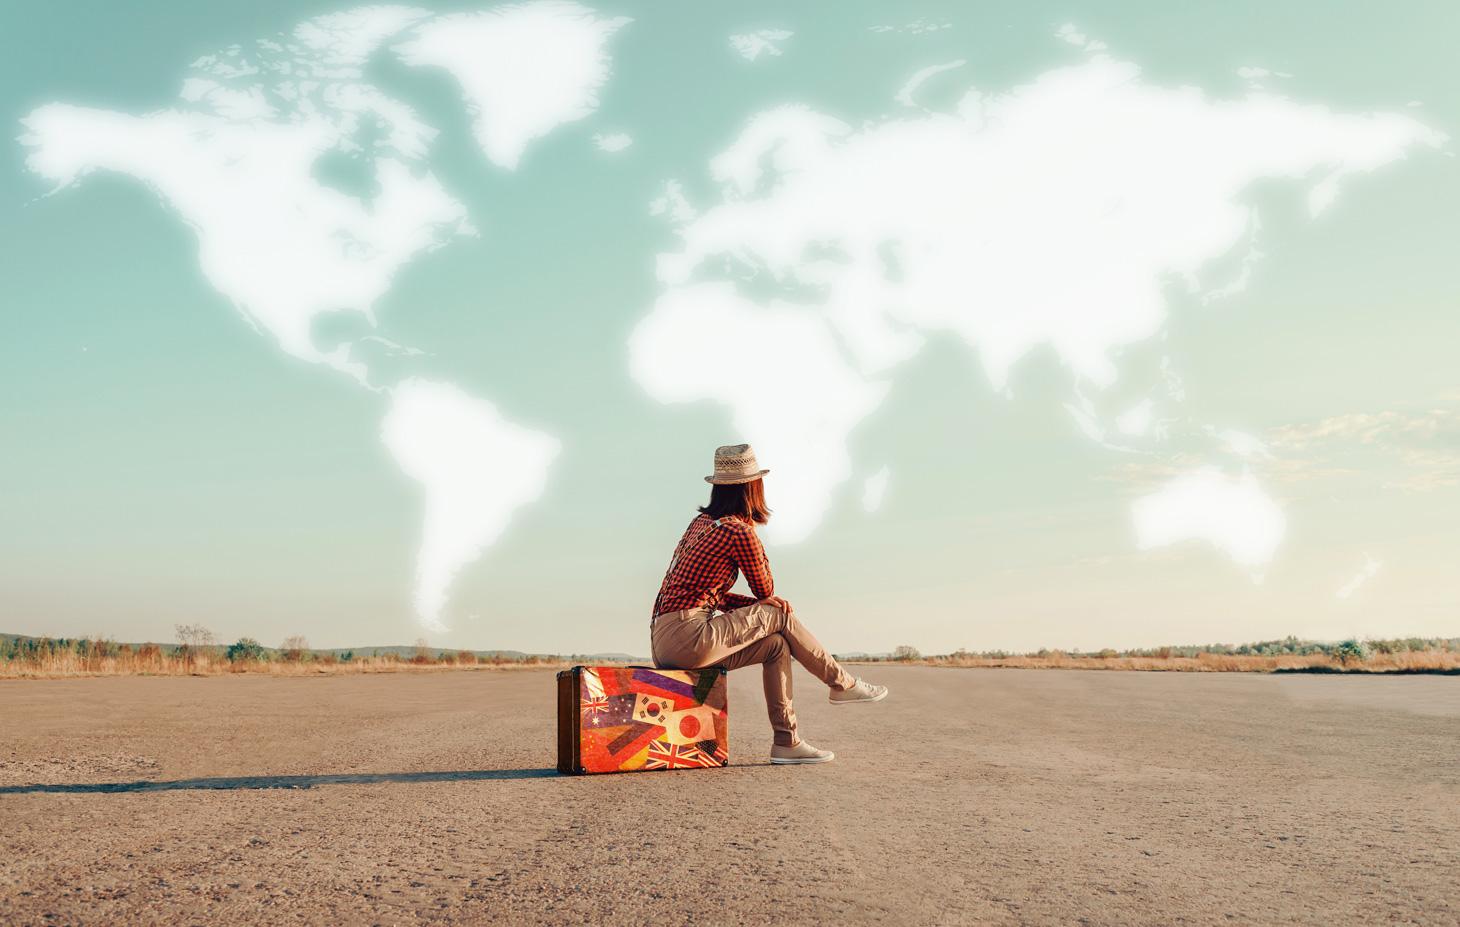 Go abroad